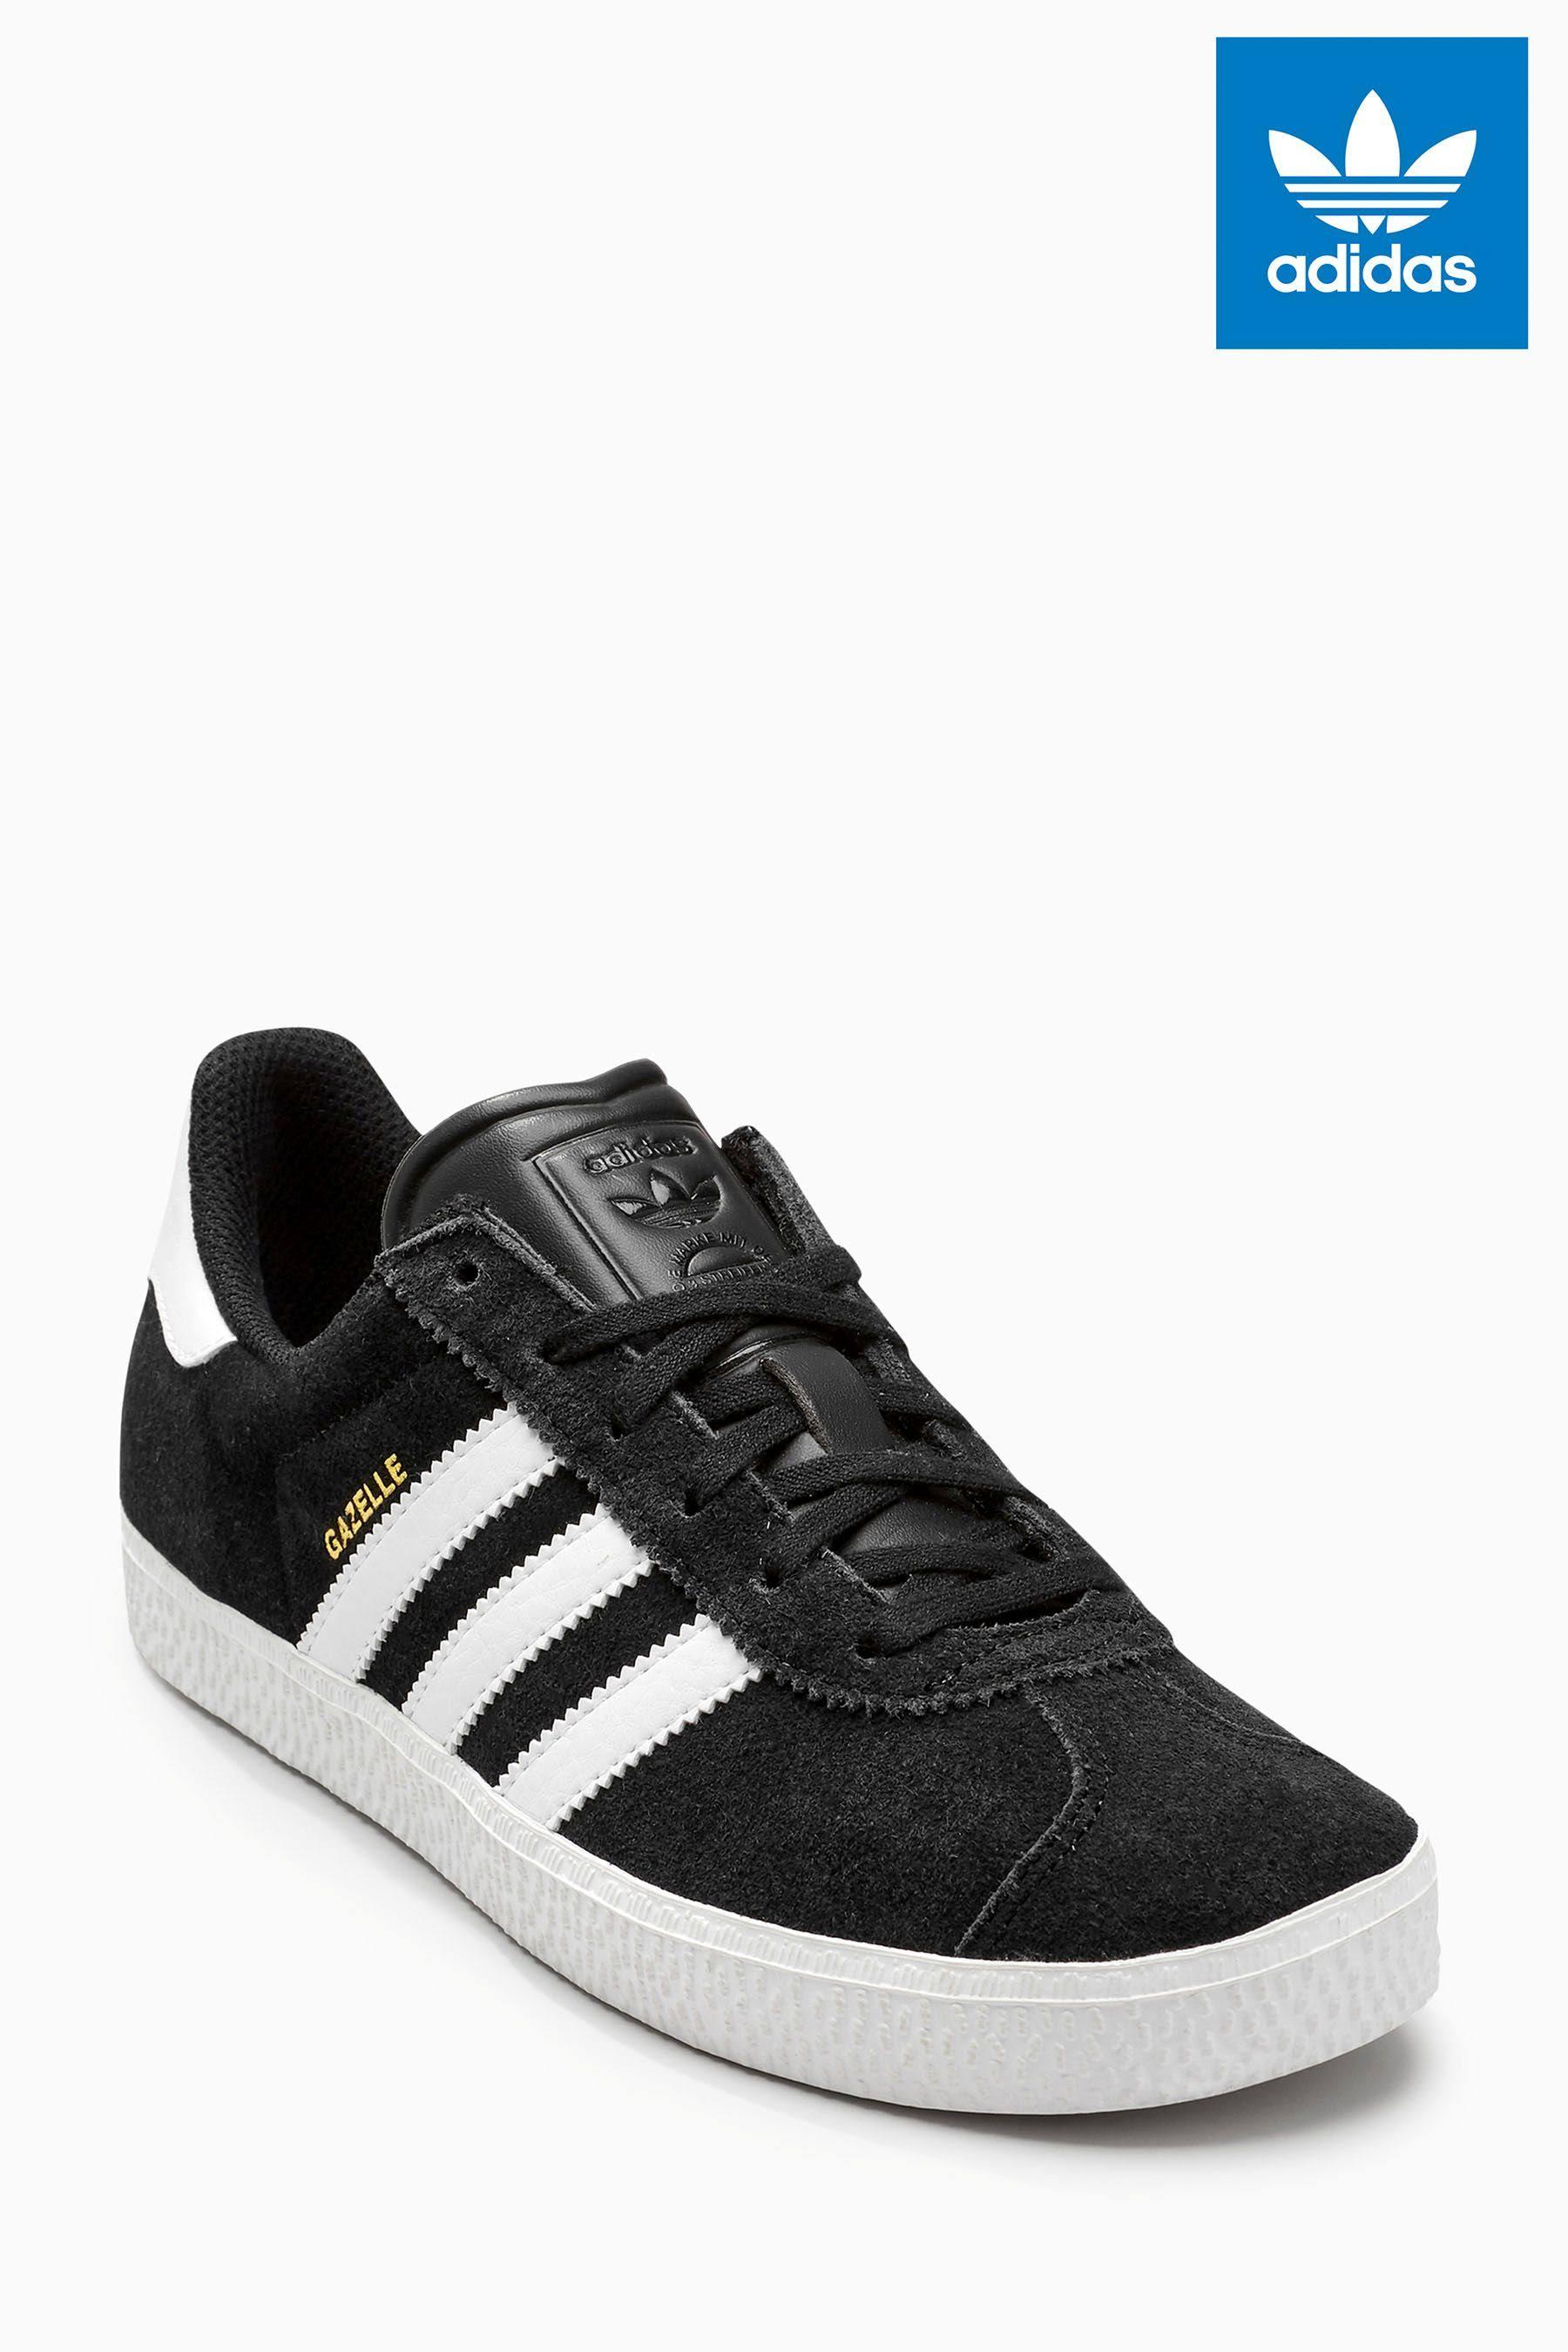 White Gazelle Adidas Black Adidas Adidas Gs Gs Black Gazelle White I2E9WDHY